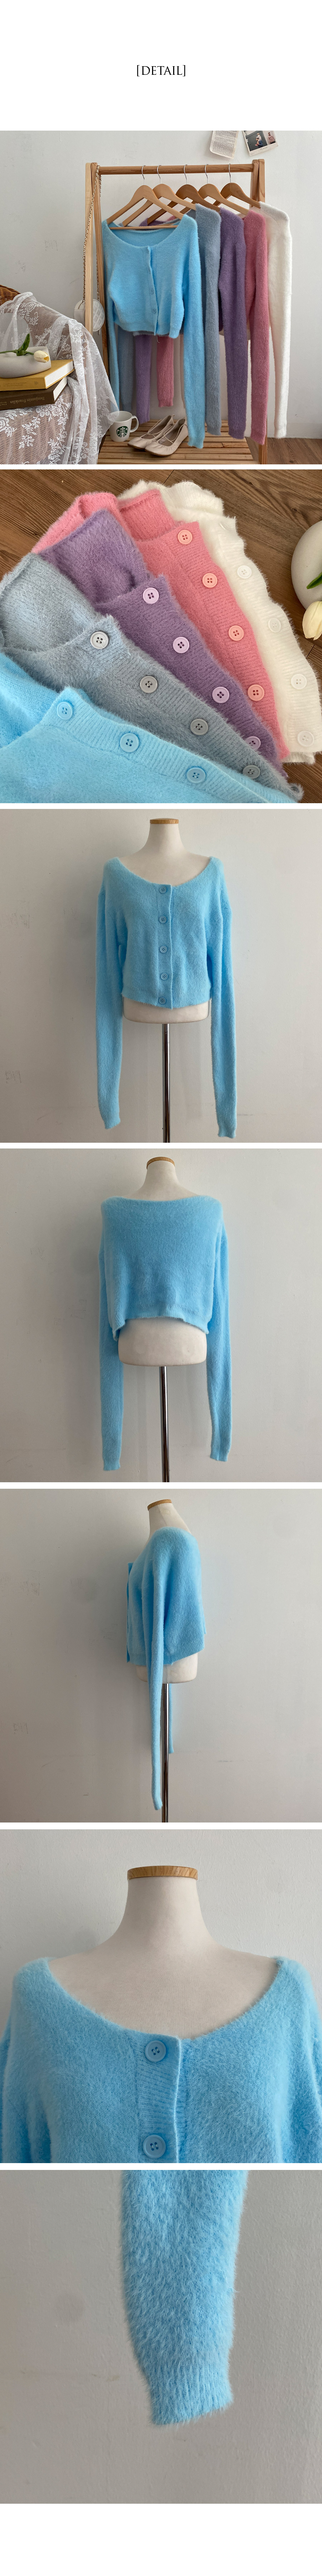 Fluffy Angora Knitwear Cardigan